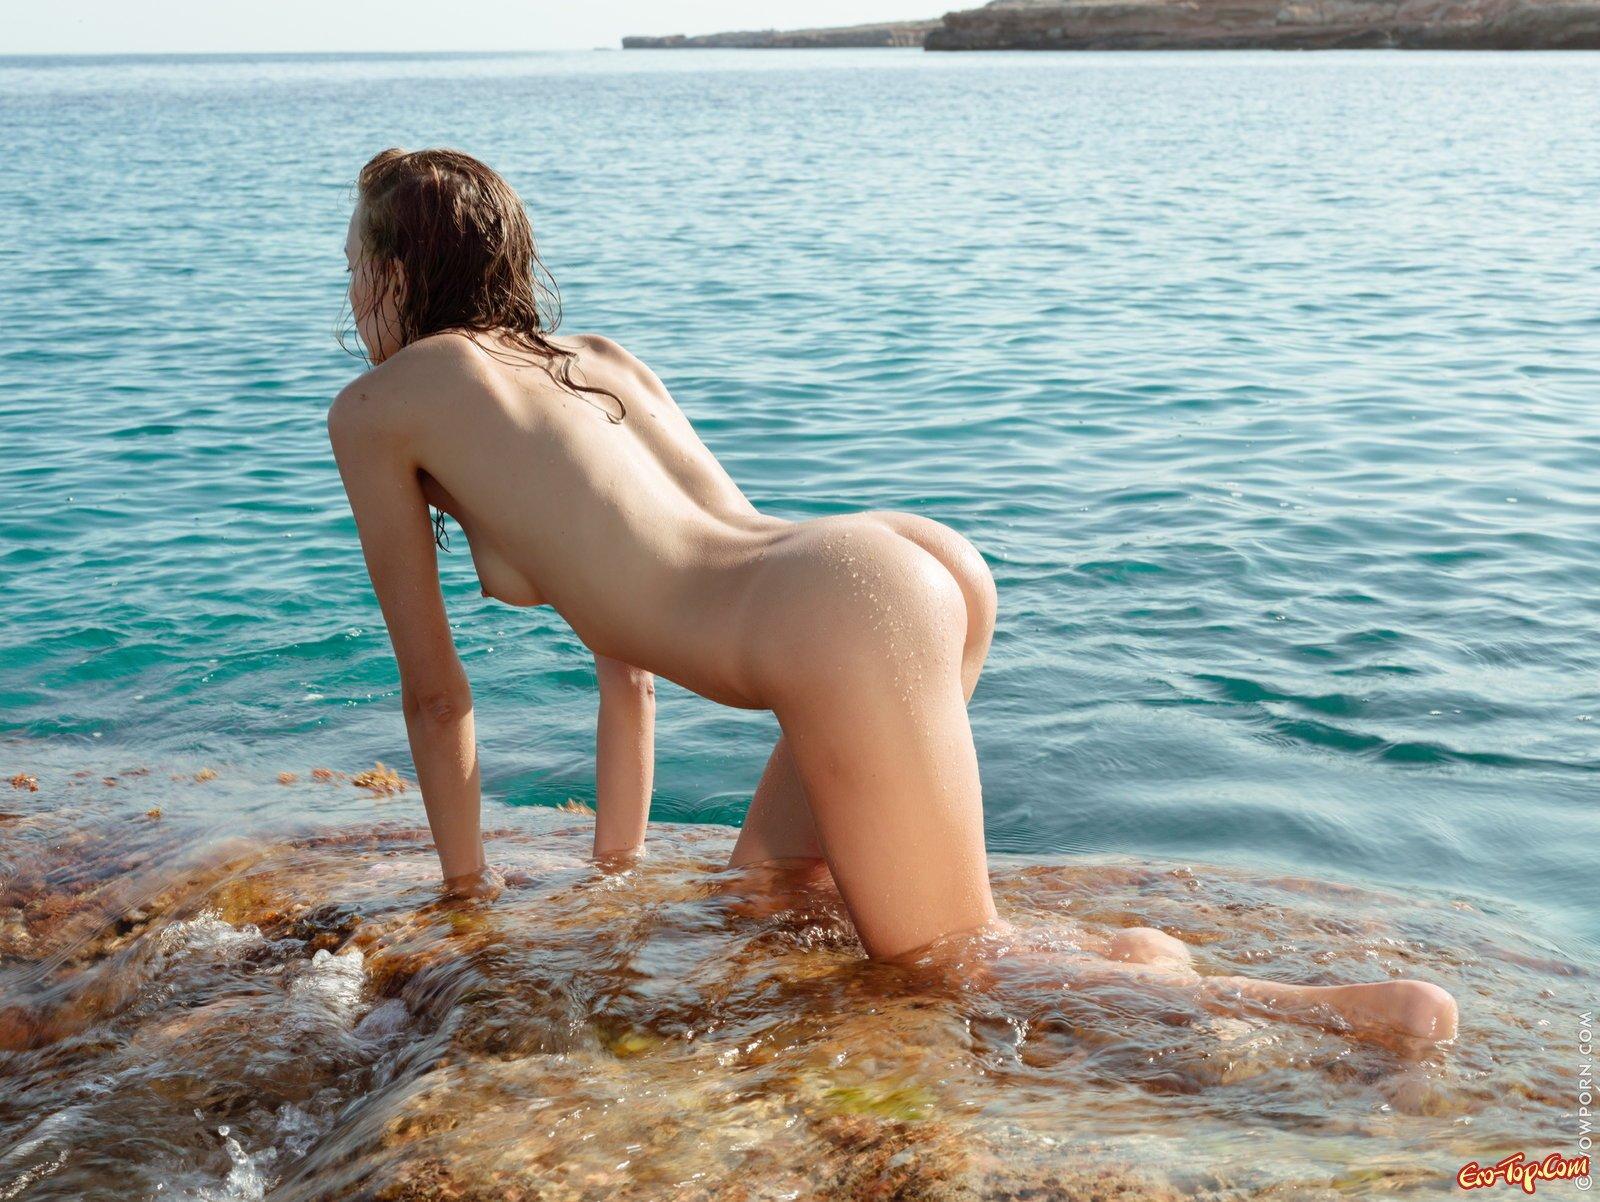 Голая сучка с упругой задницей на берегу моря смотреть эротику